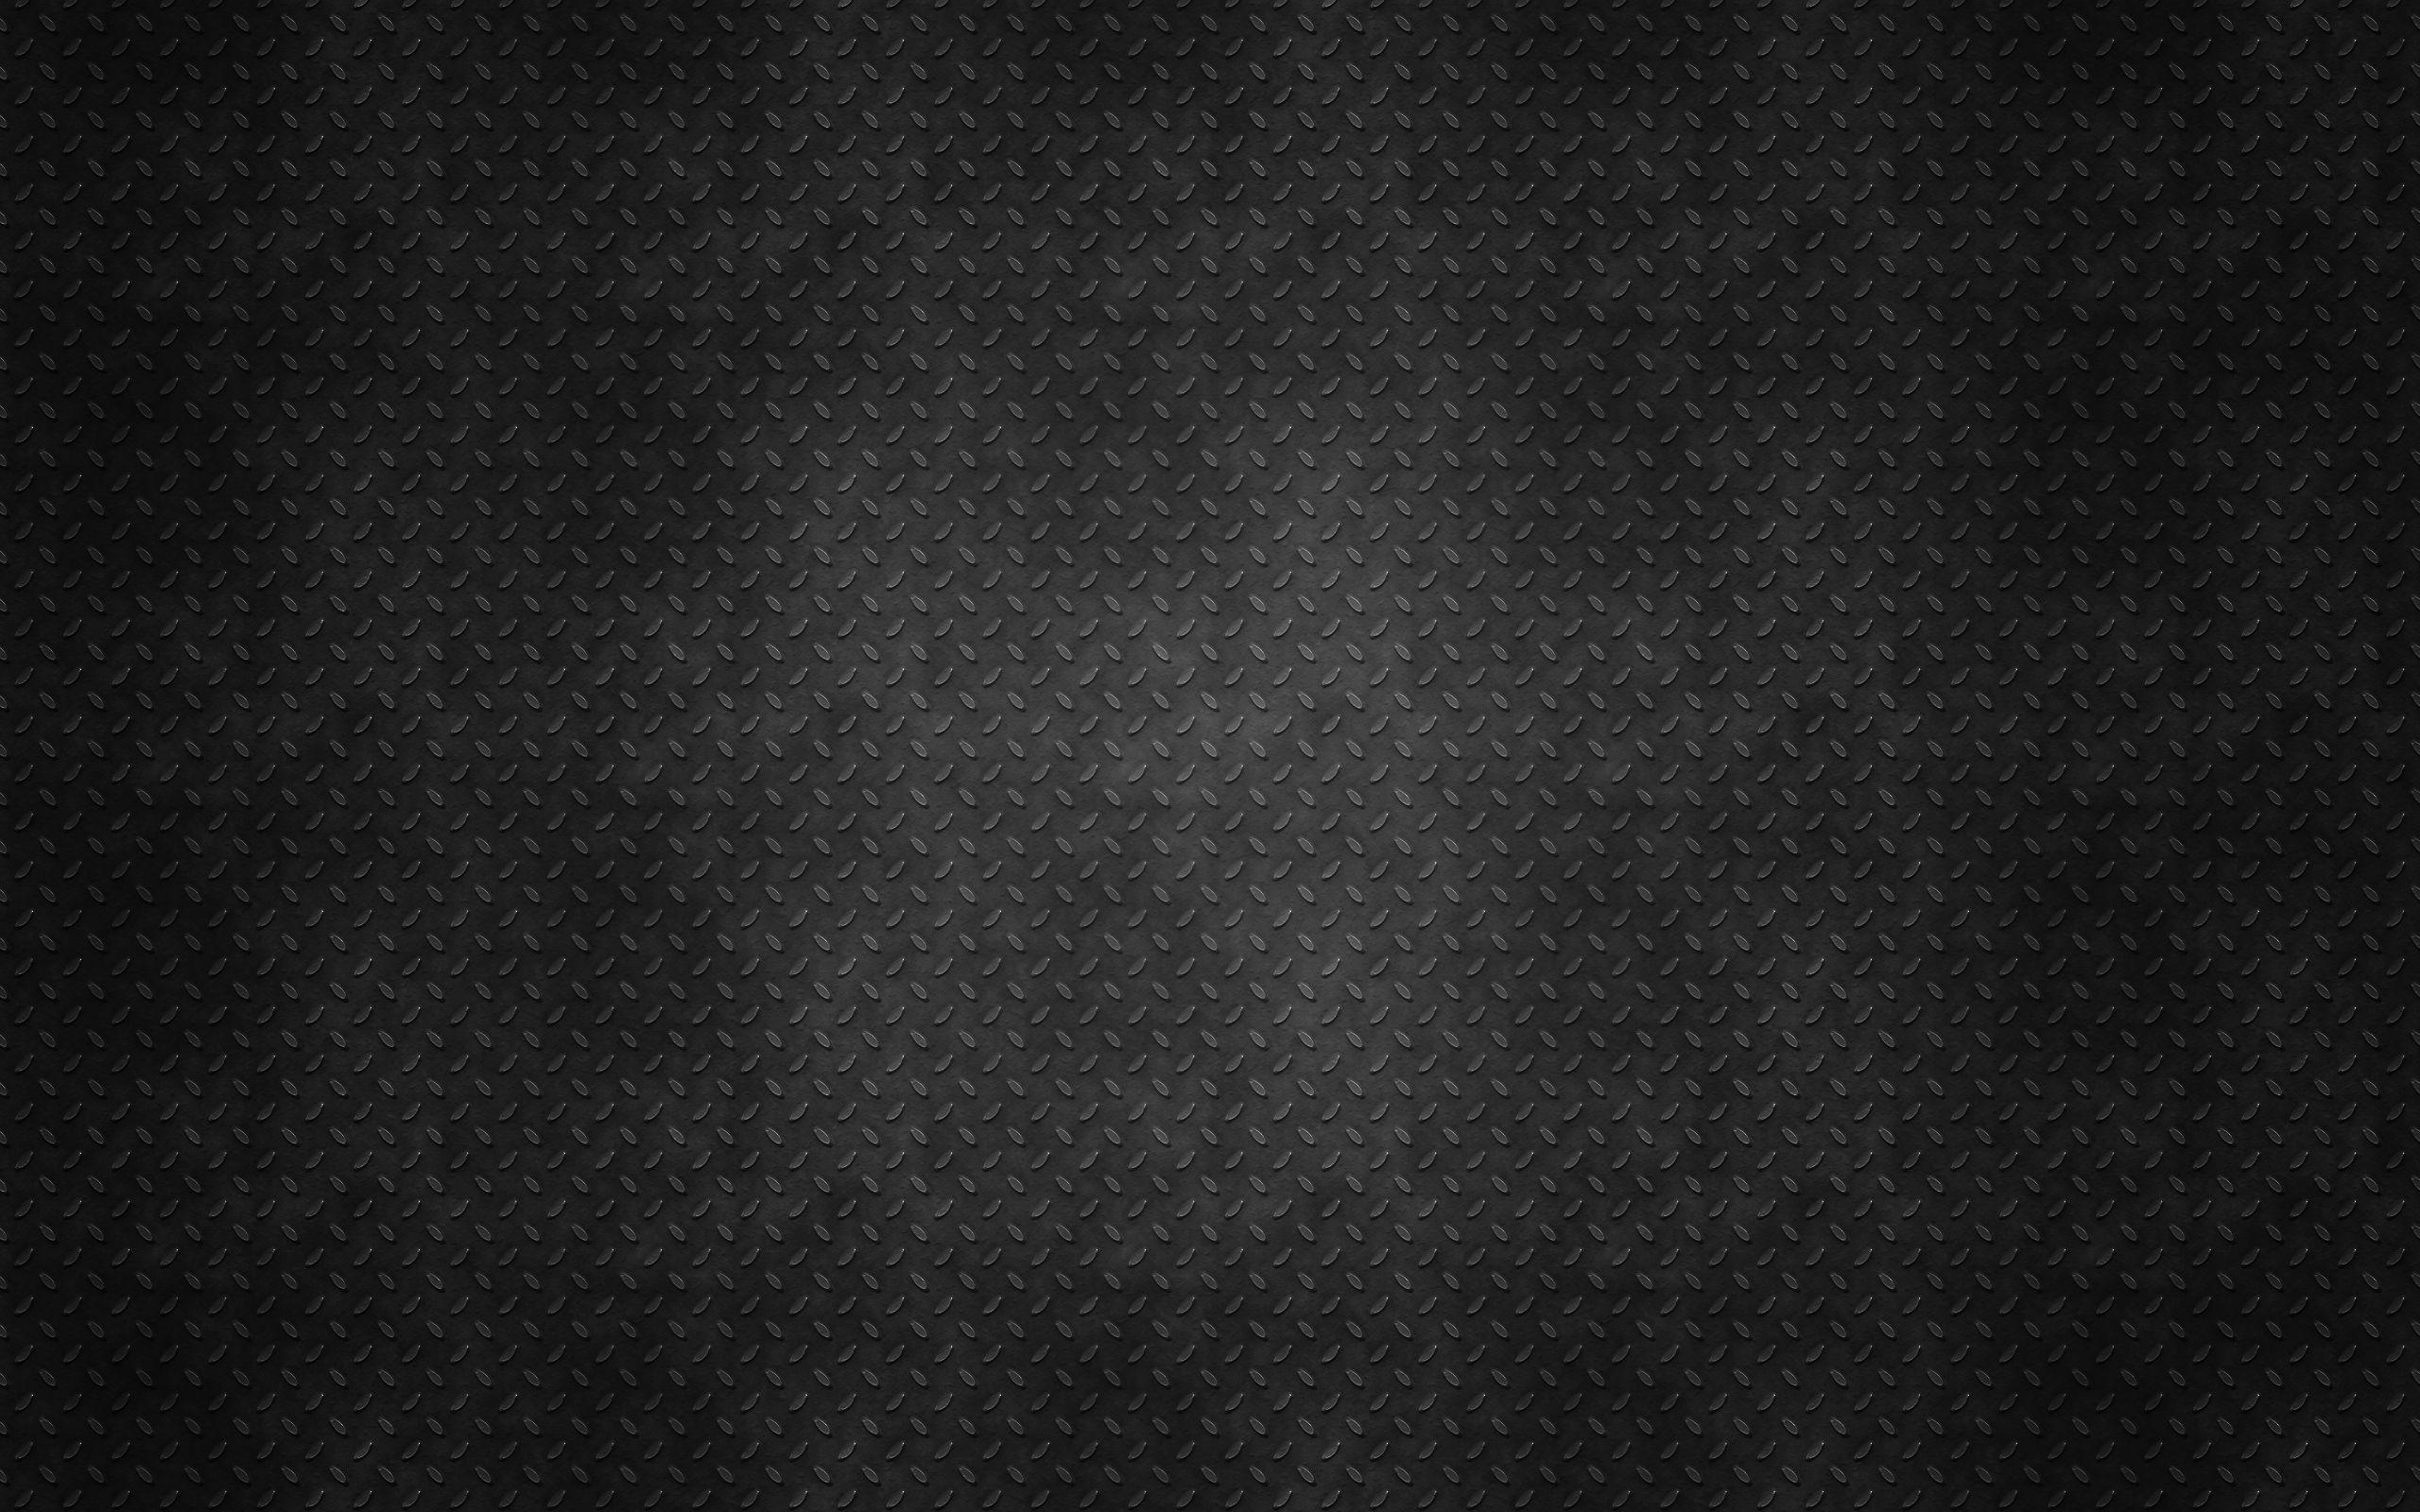 Free Download Metallic Texture Wallpaper 3404 2560x1600 For Your Desktop Mobile Tablet Explore 49 Metallic Textured Wallpaper Metallic Blue Wallpaper 3d Metallic Wallpaper Silver Metallic Wallpaper